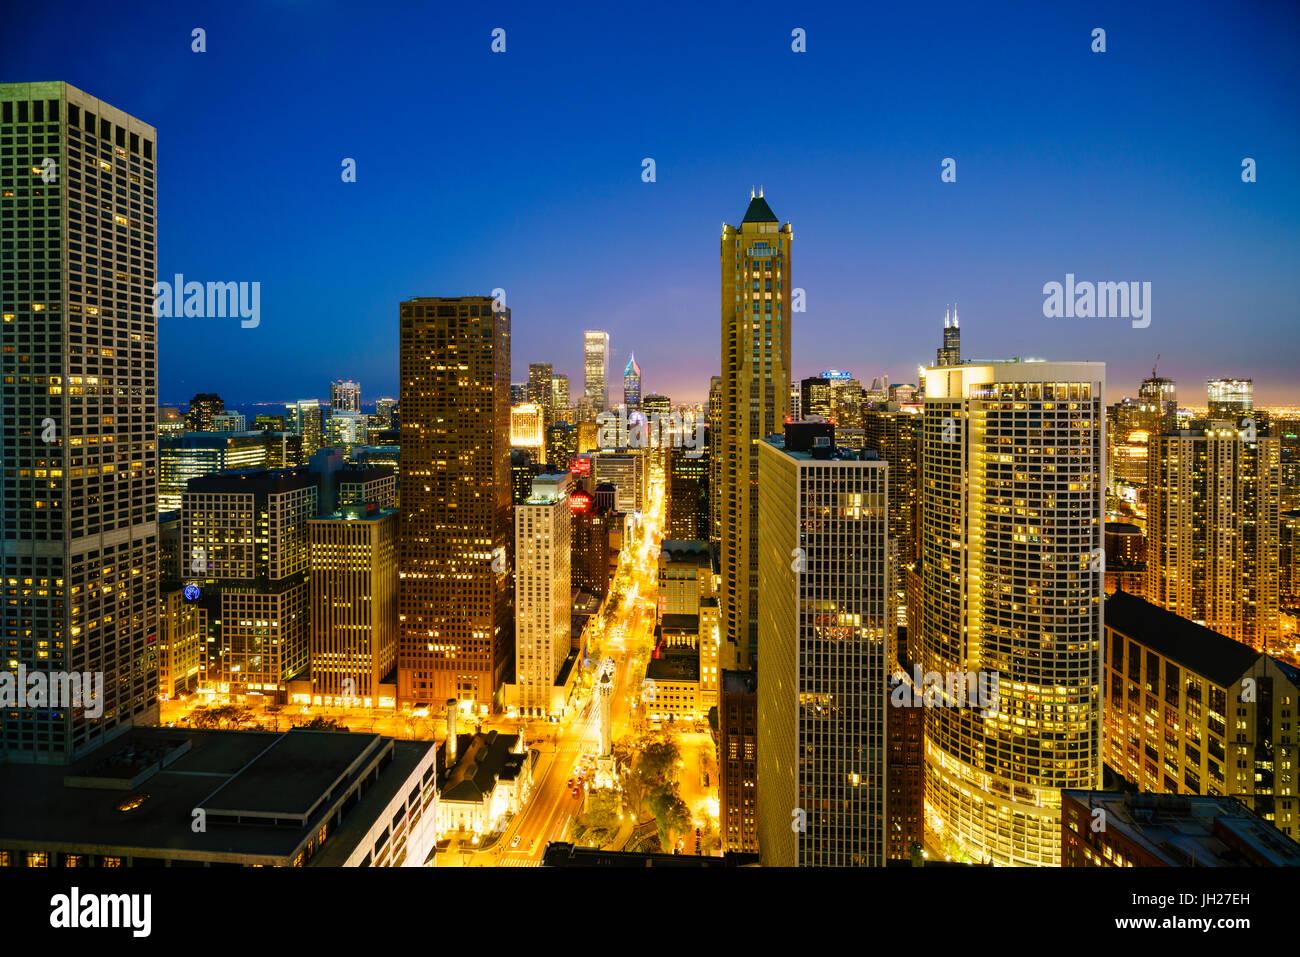 Skyline della città di notte, Chicago, Illinois, Stati Uniti d'America, America del Nord Immagini Stock